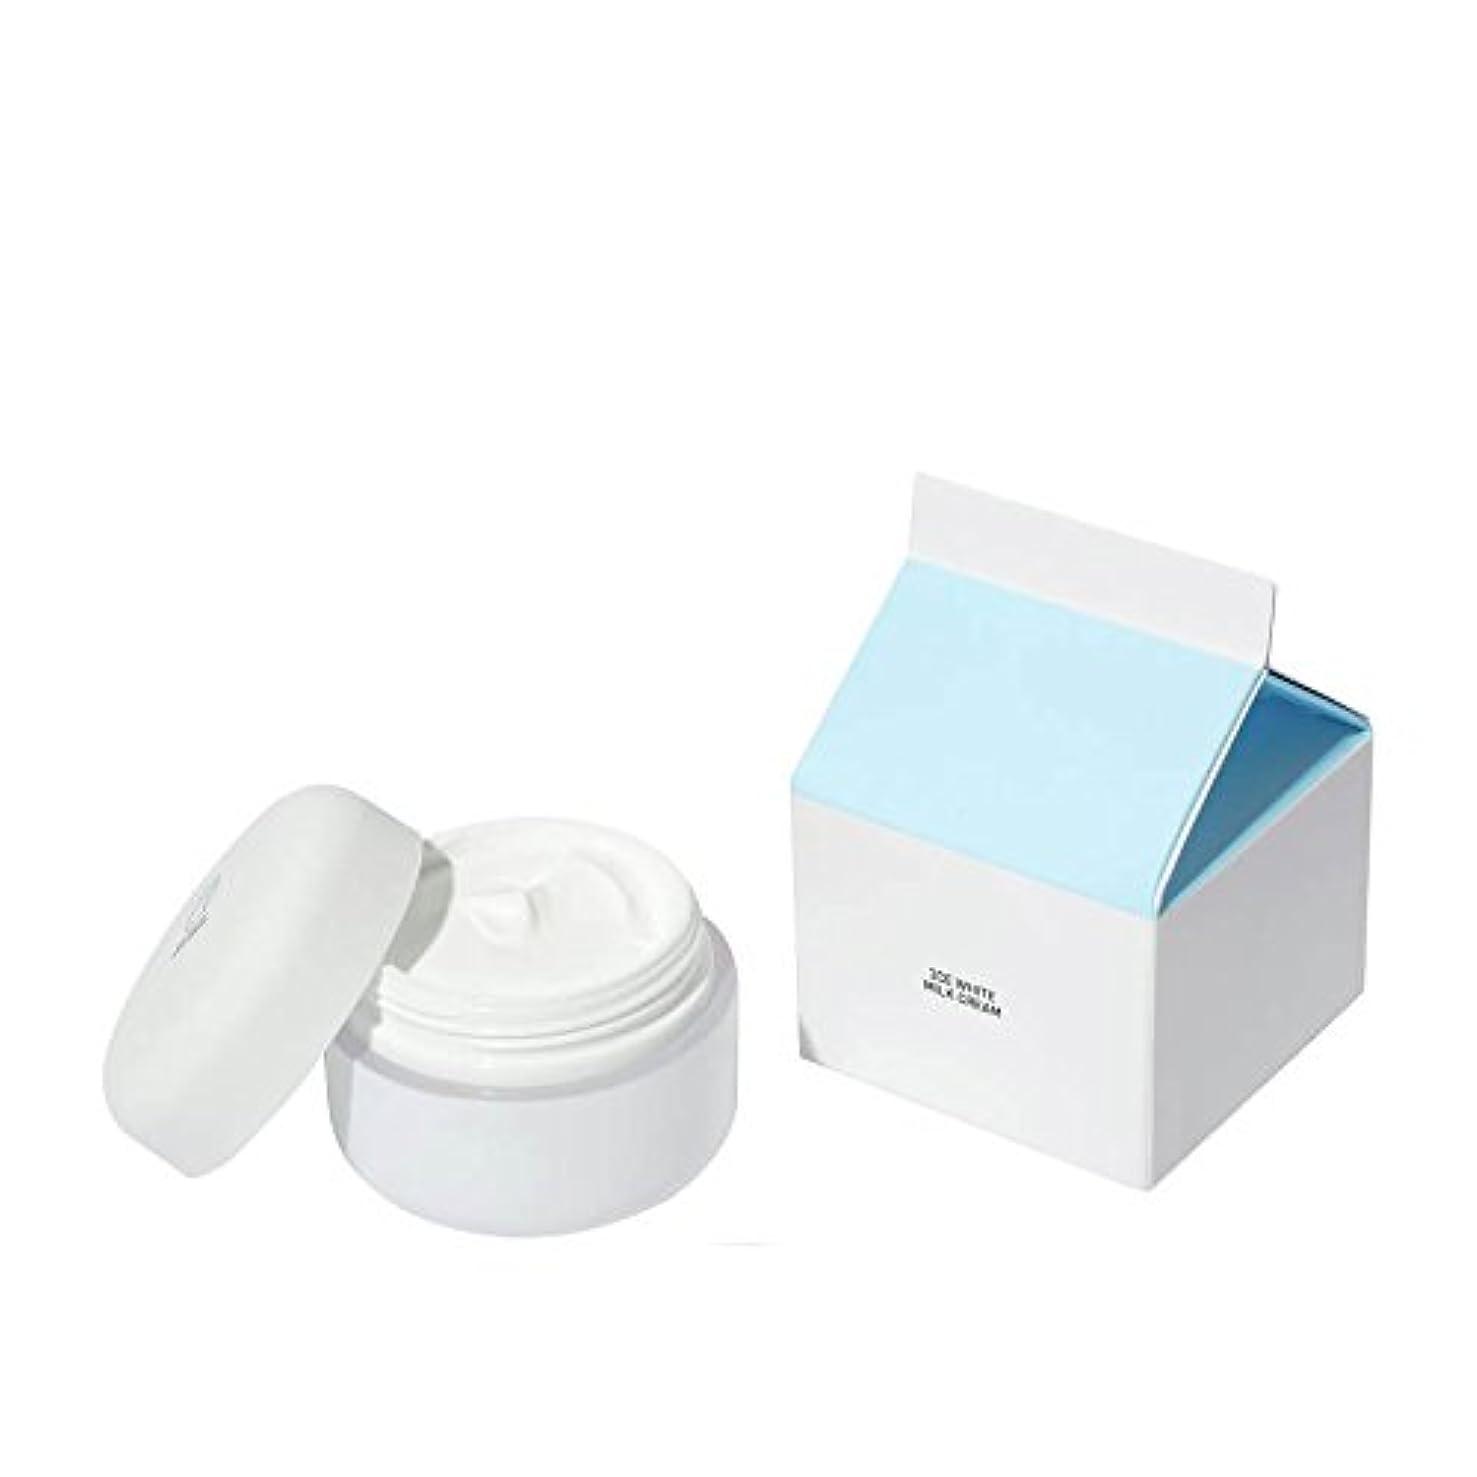 移行まもなくランチョン[3CE] ホワイトミルククリーム(White Milk Cream) 50g